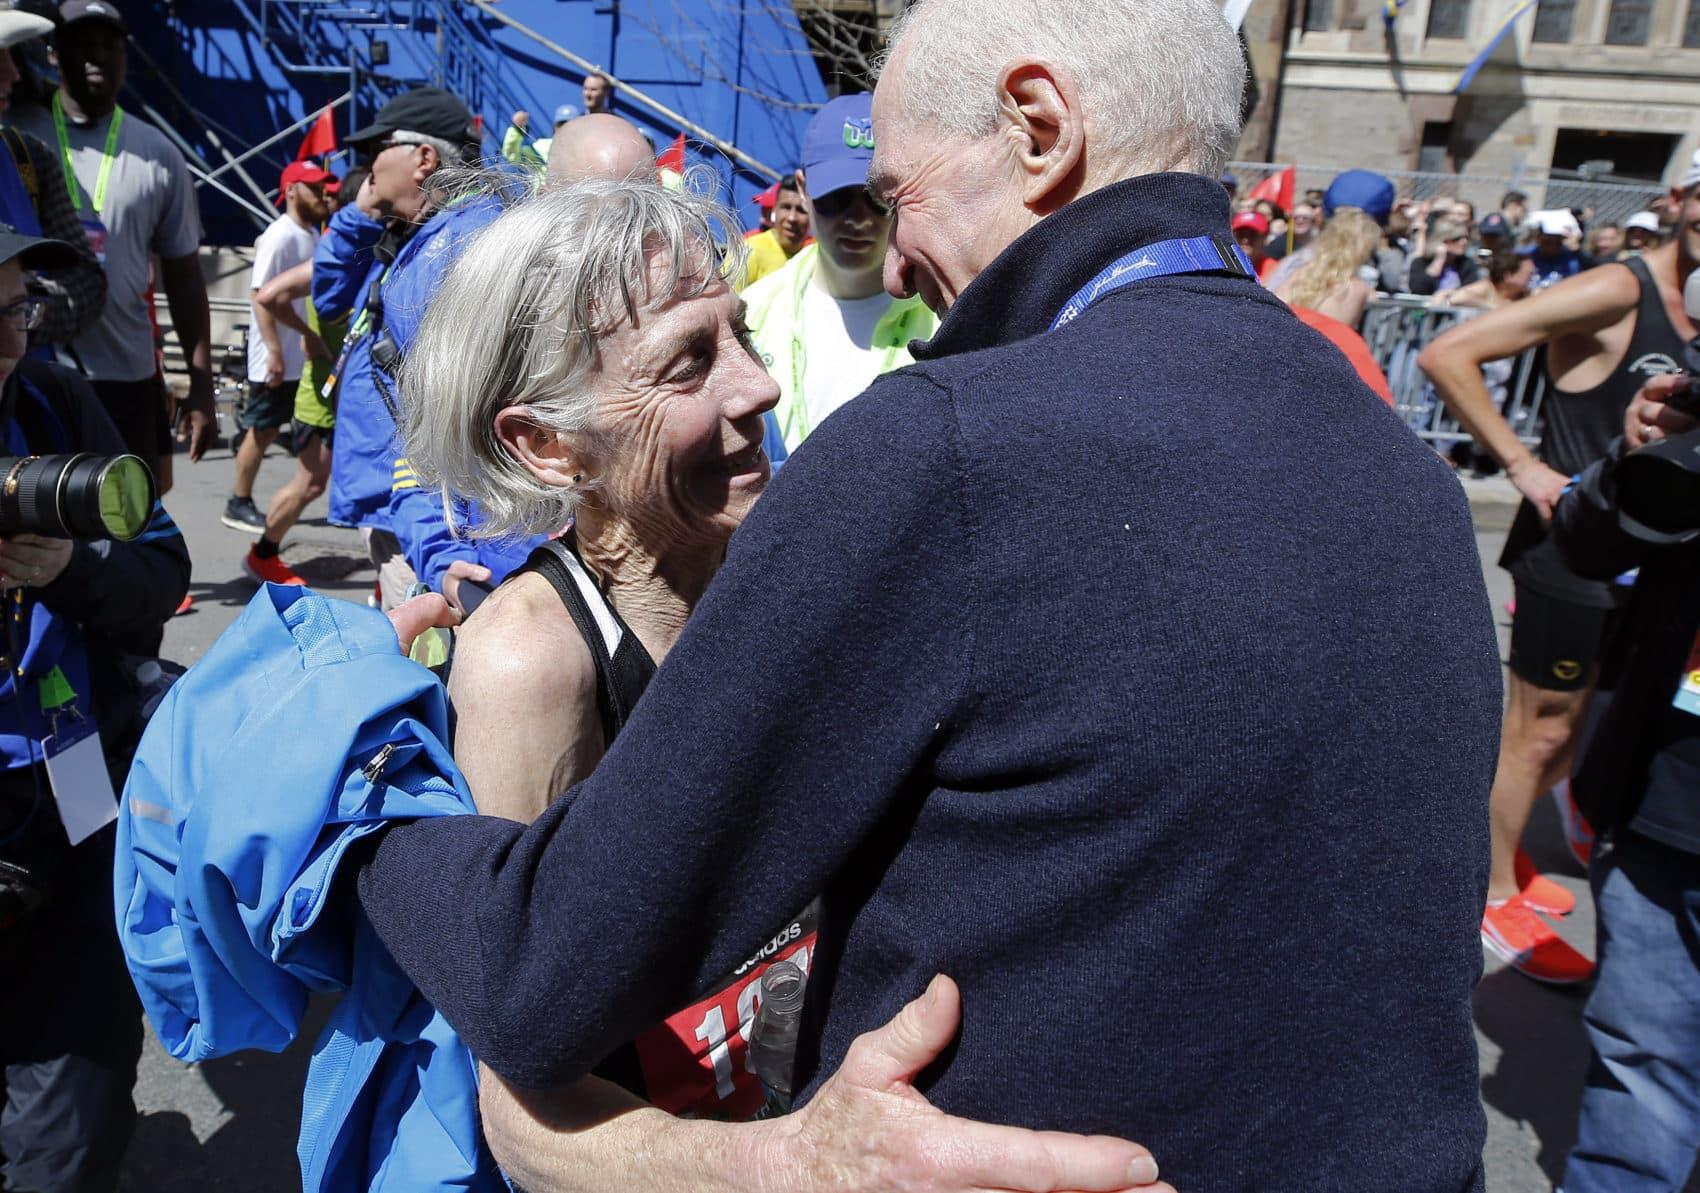 PHOTOS: 2019 Boston Marathon | WBUR News